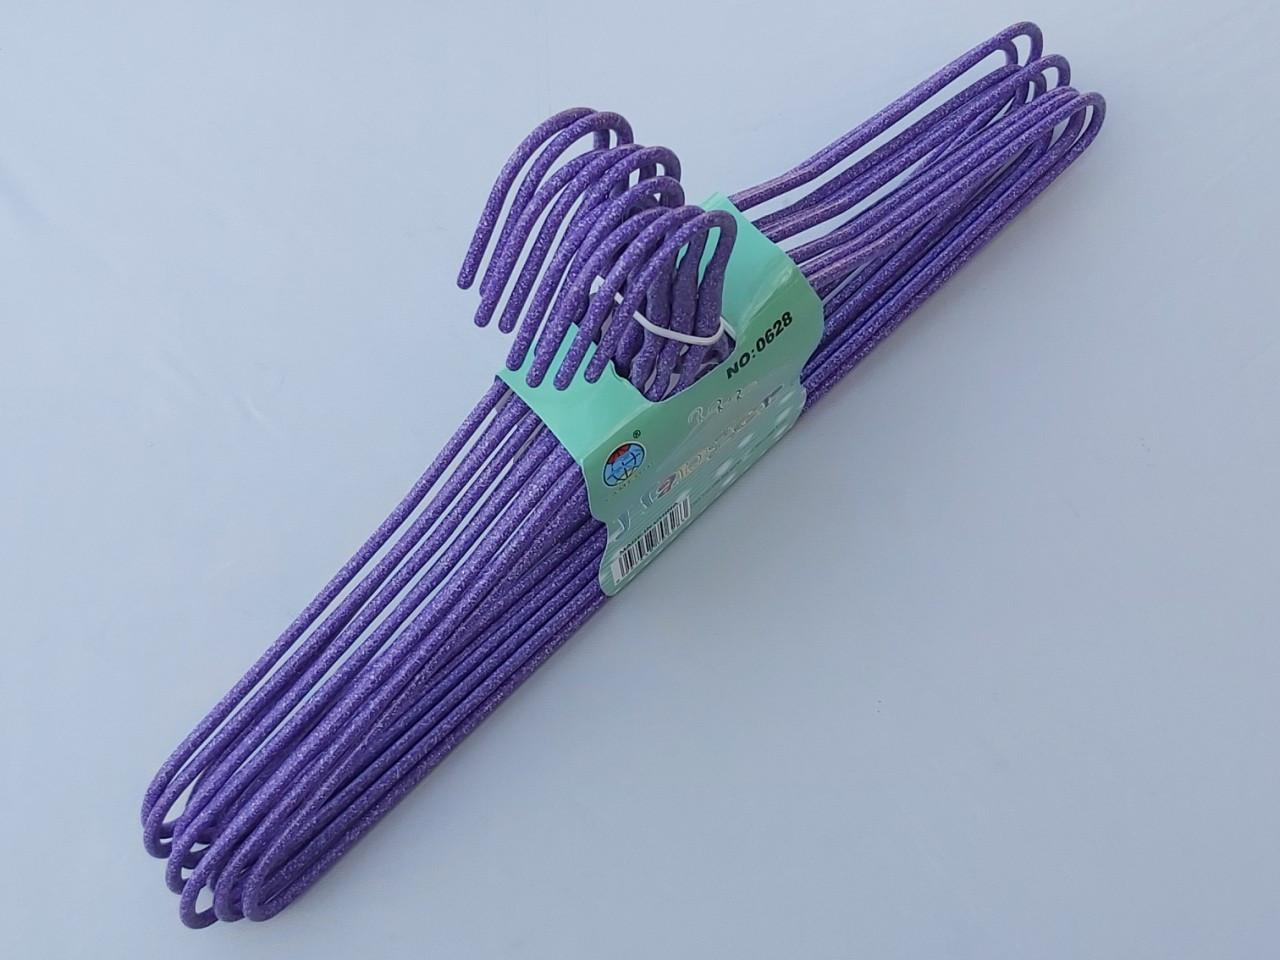 Плечики металлические проволочные в порошковой покраске фиолетового цвета, 43,5 см,10 штук в упаковке